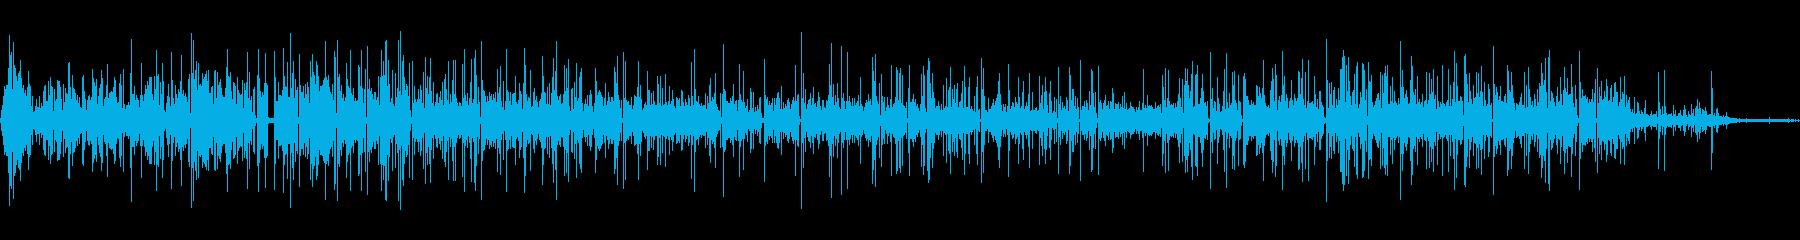 アーク溶接機:短溶接フレア、建設、...の再生済みの波形